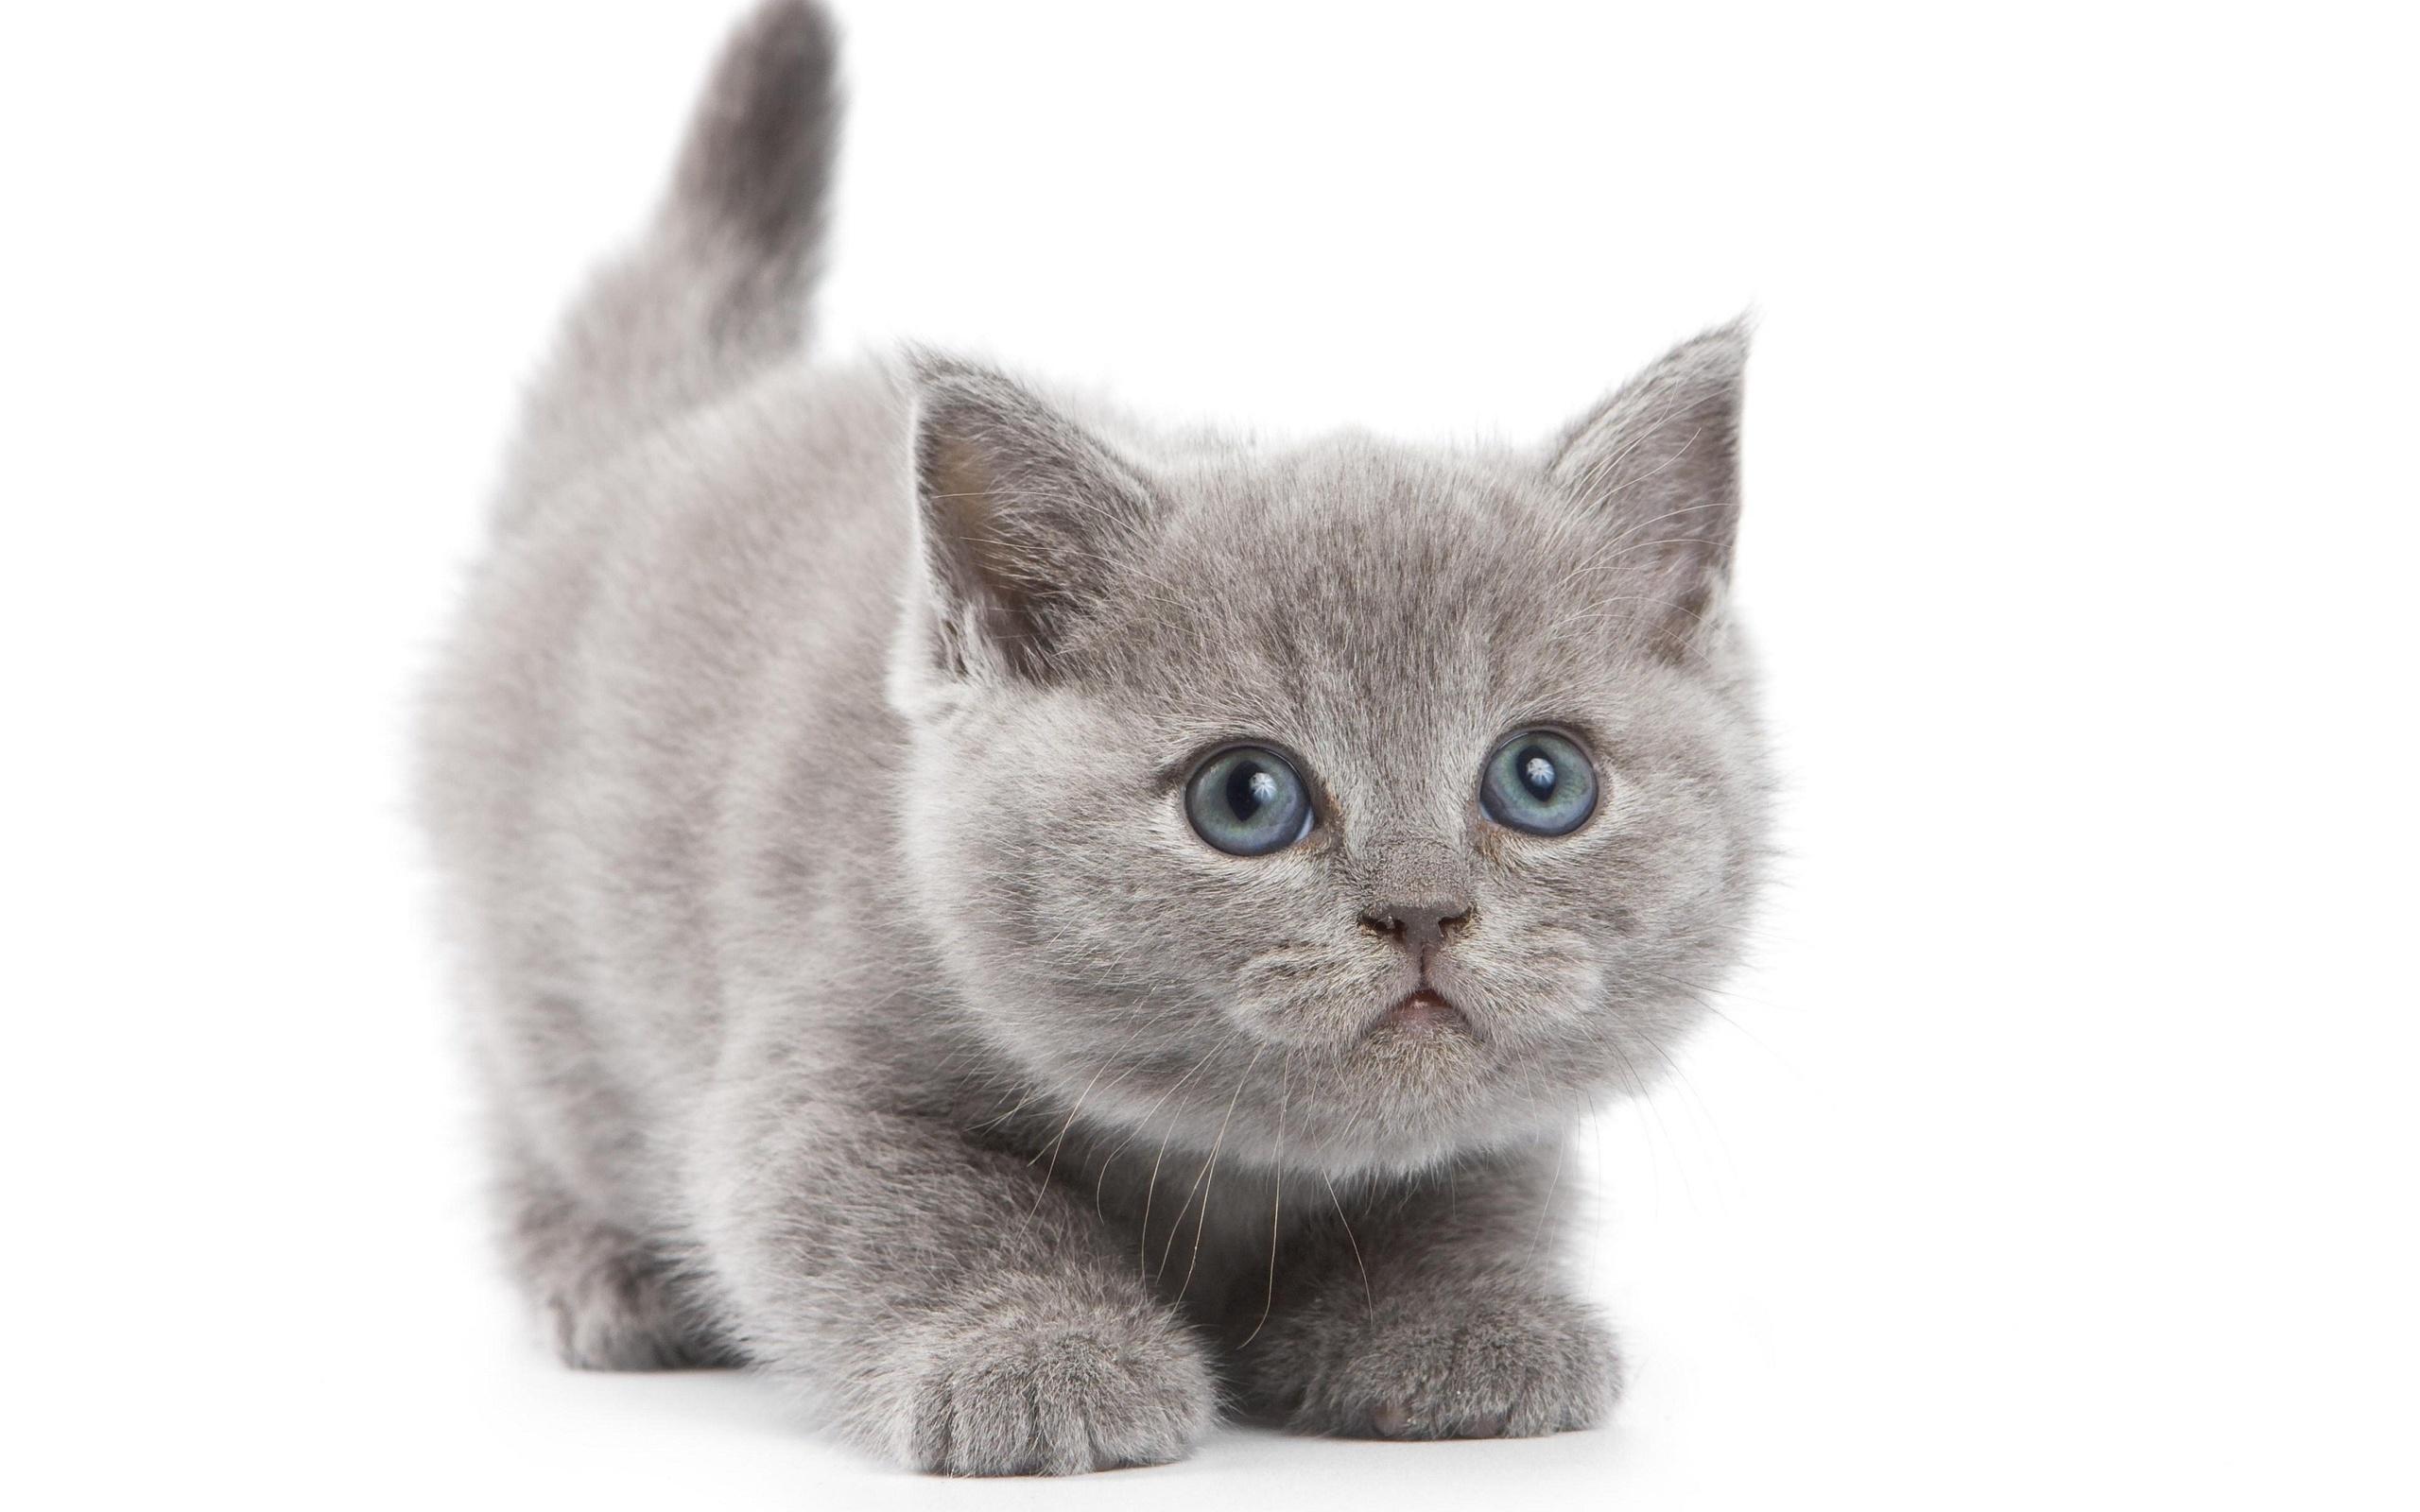 Котики картинки на белом фоне